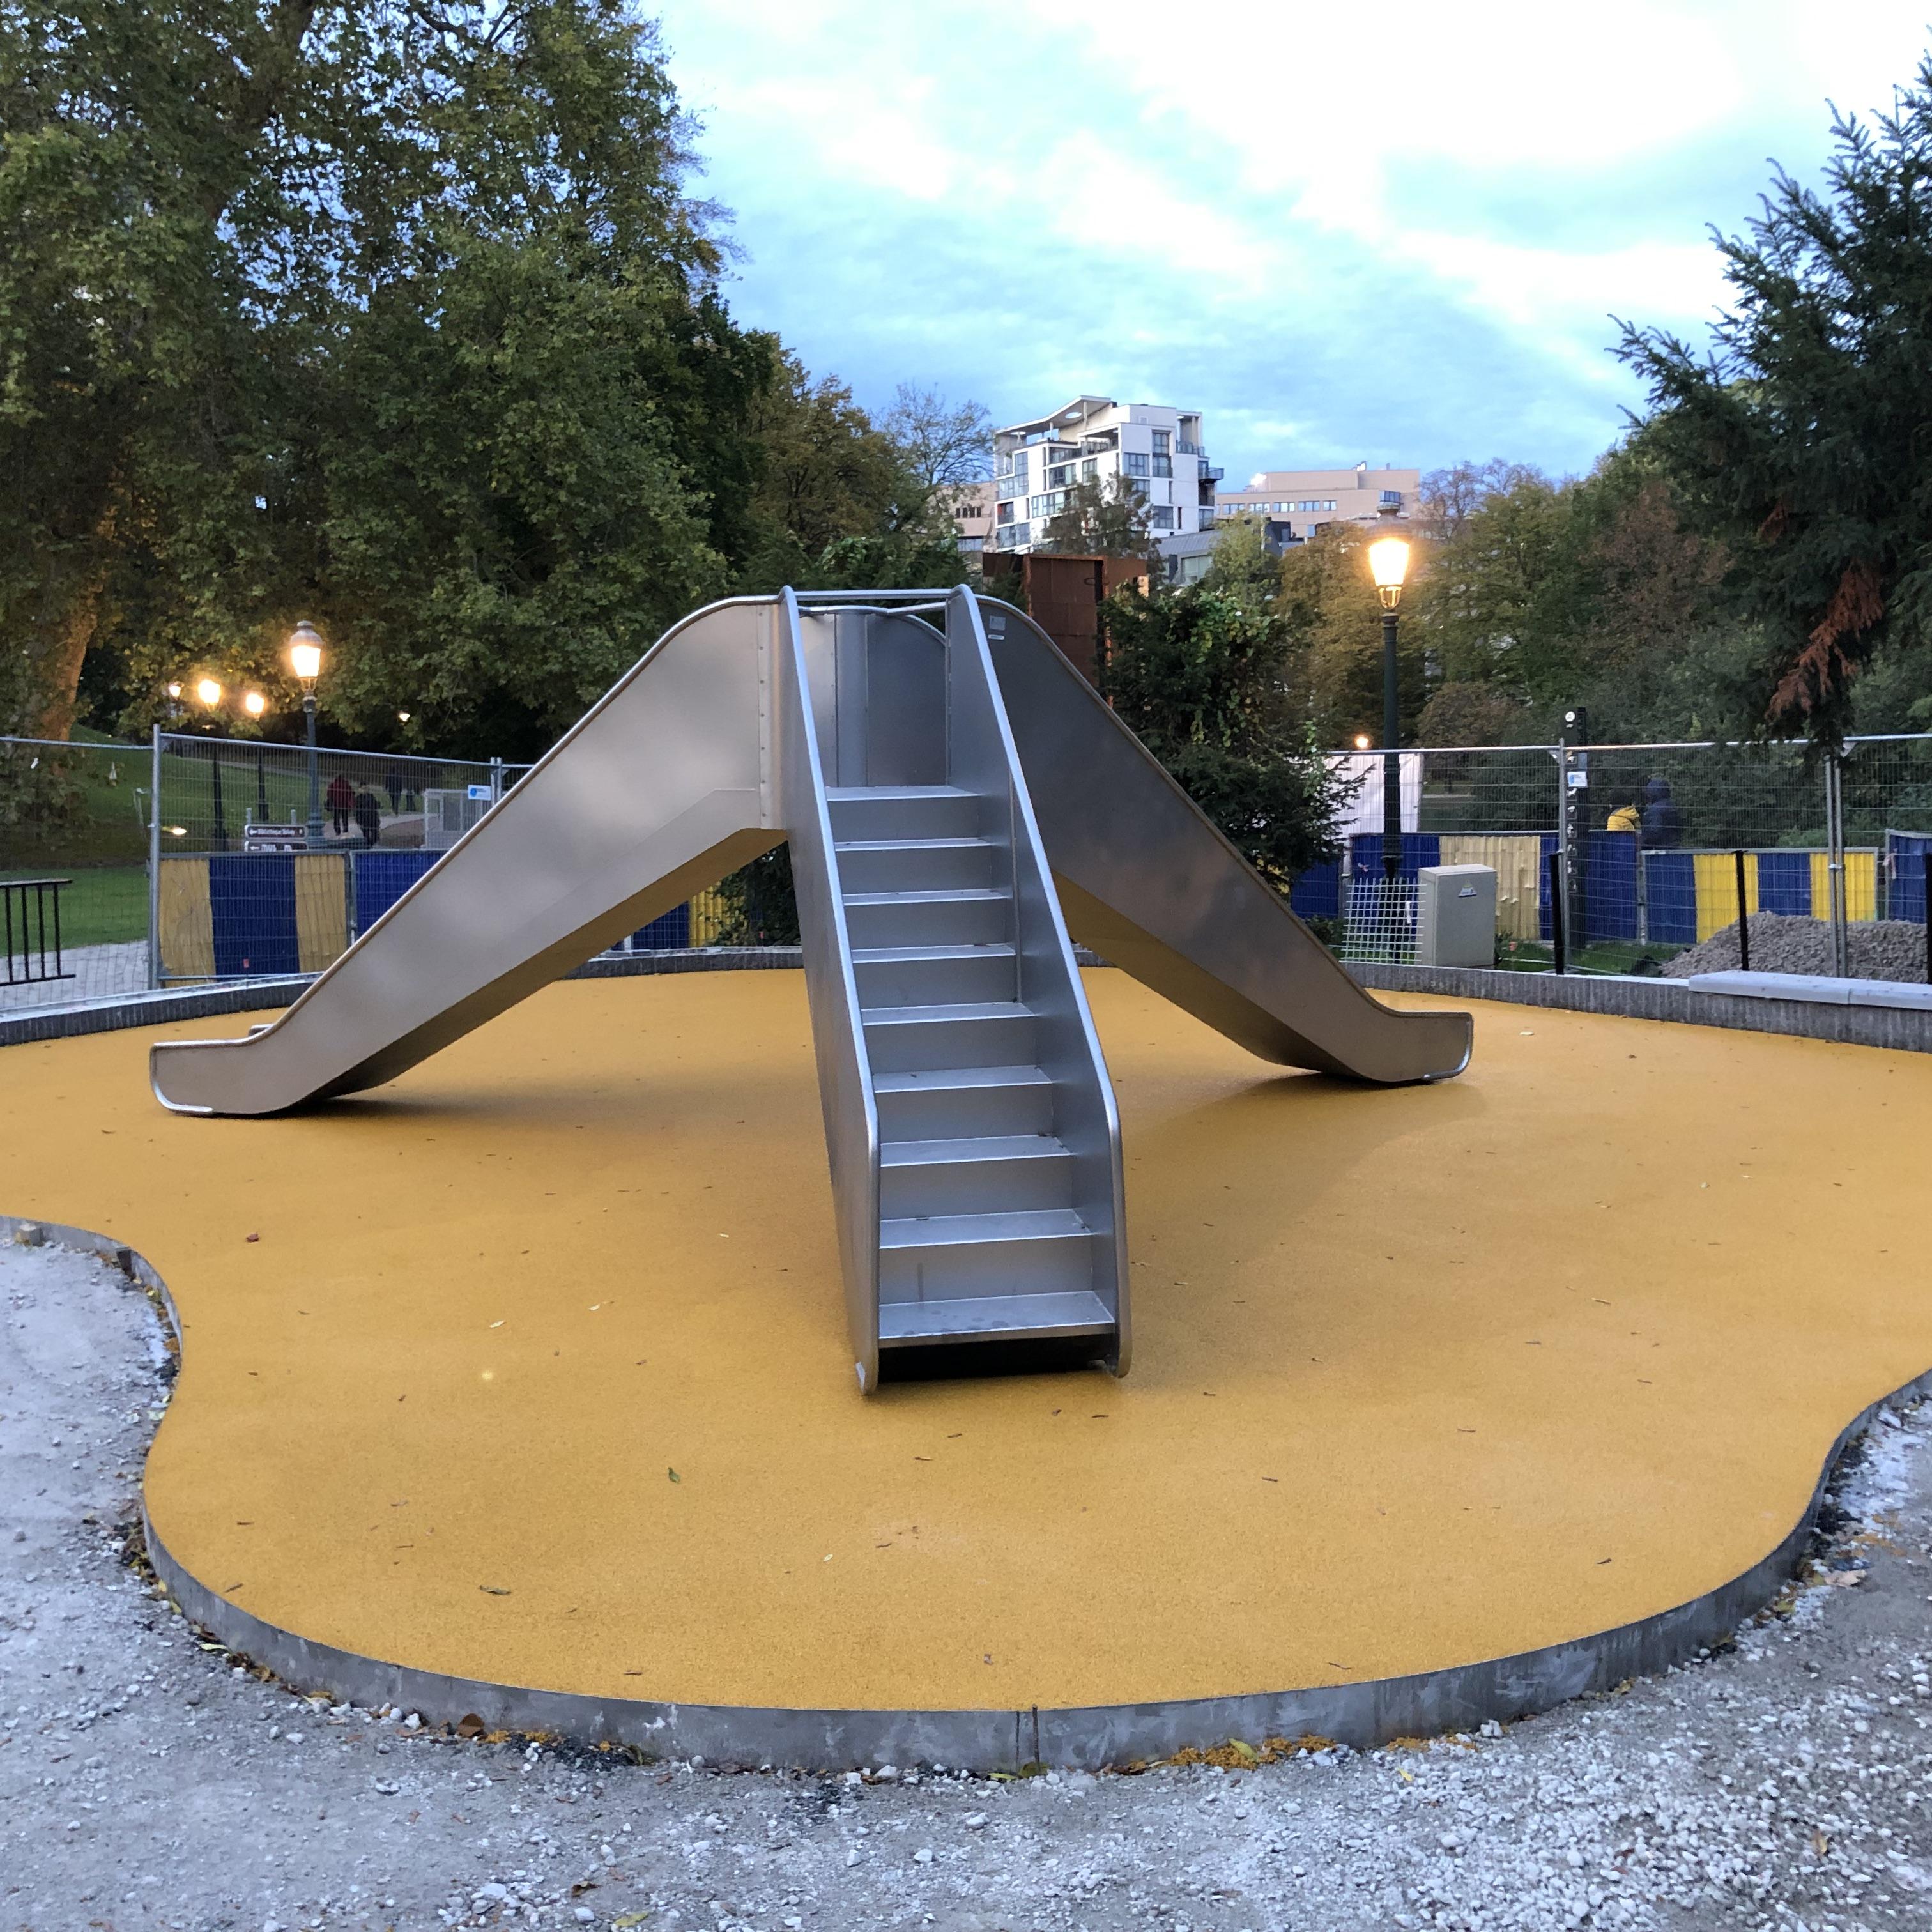 Bruxelles (parc leopold)